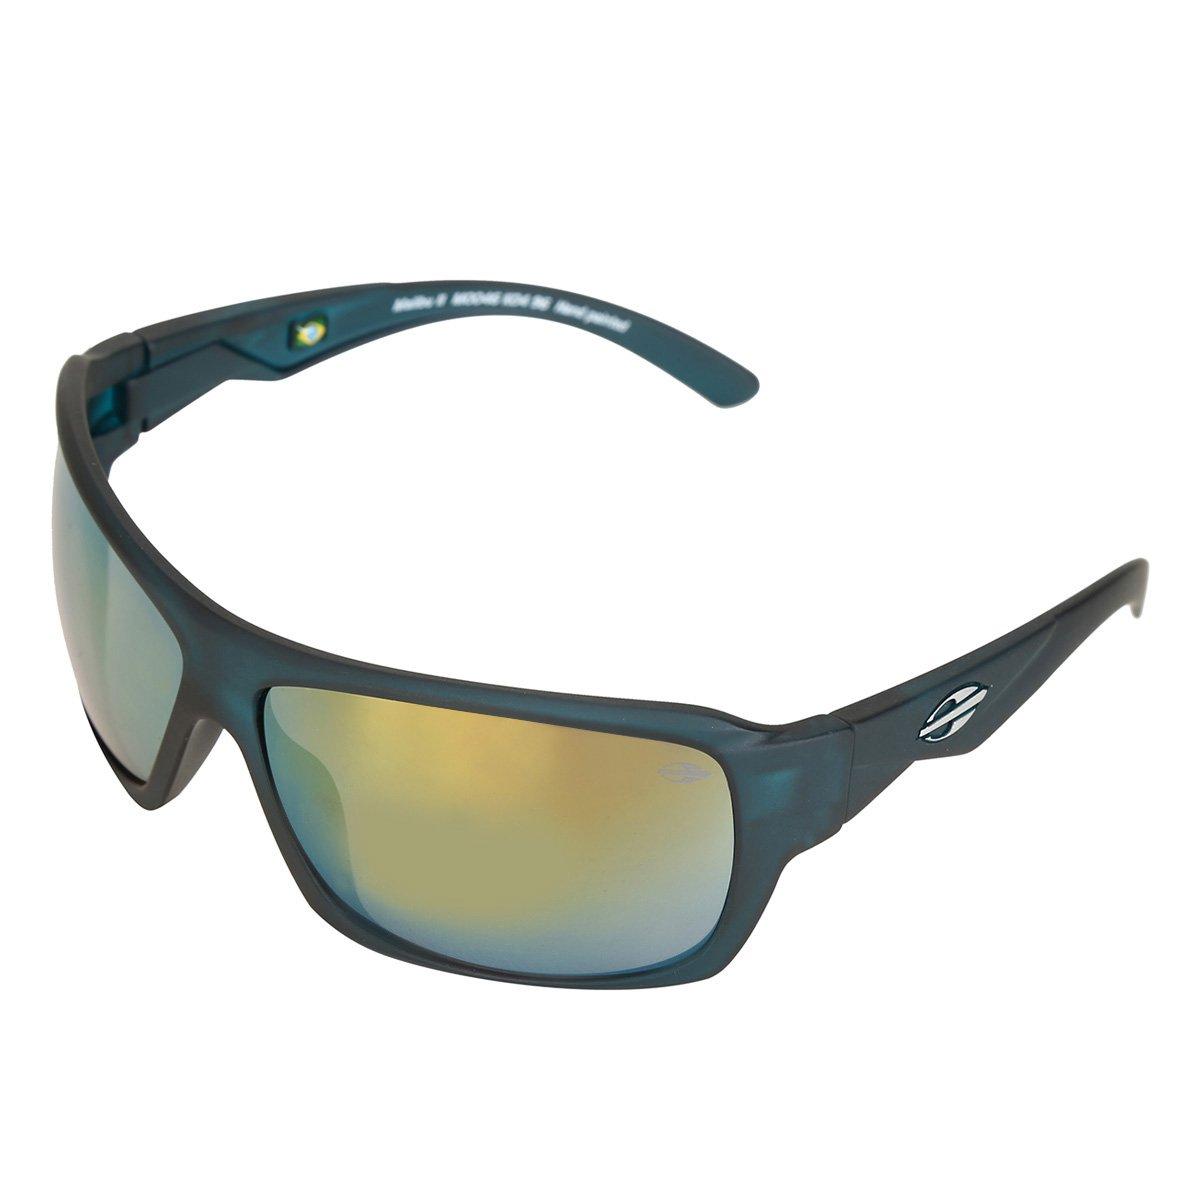 Óculos de Sol Mormaii Malibu 2 Masculino - Compre Agora   Netshoes 49ea4e9e21